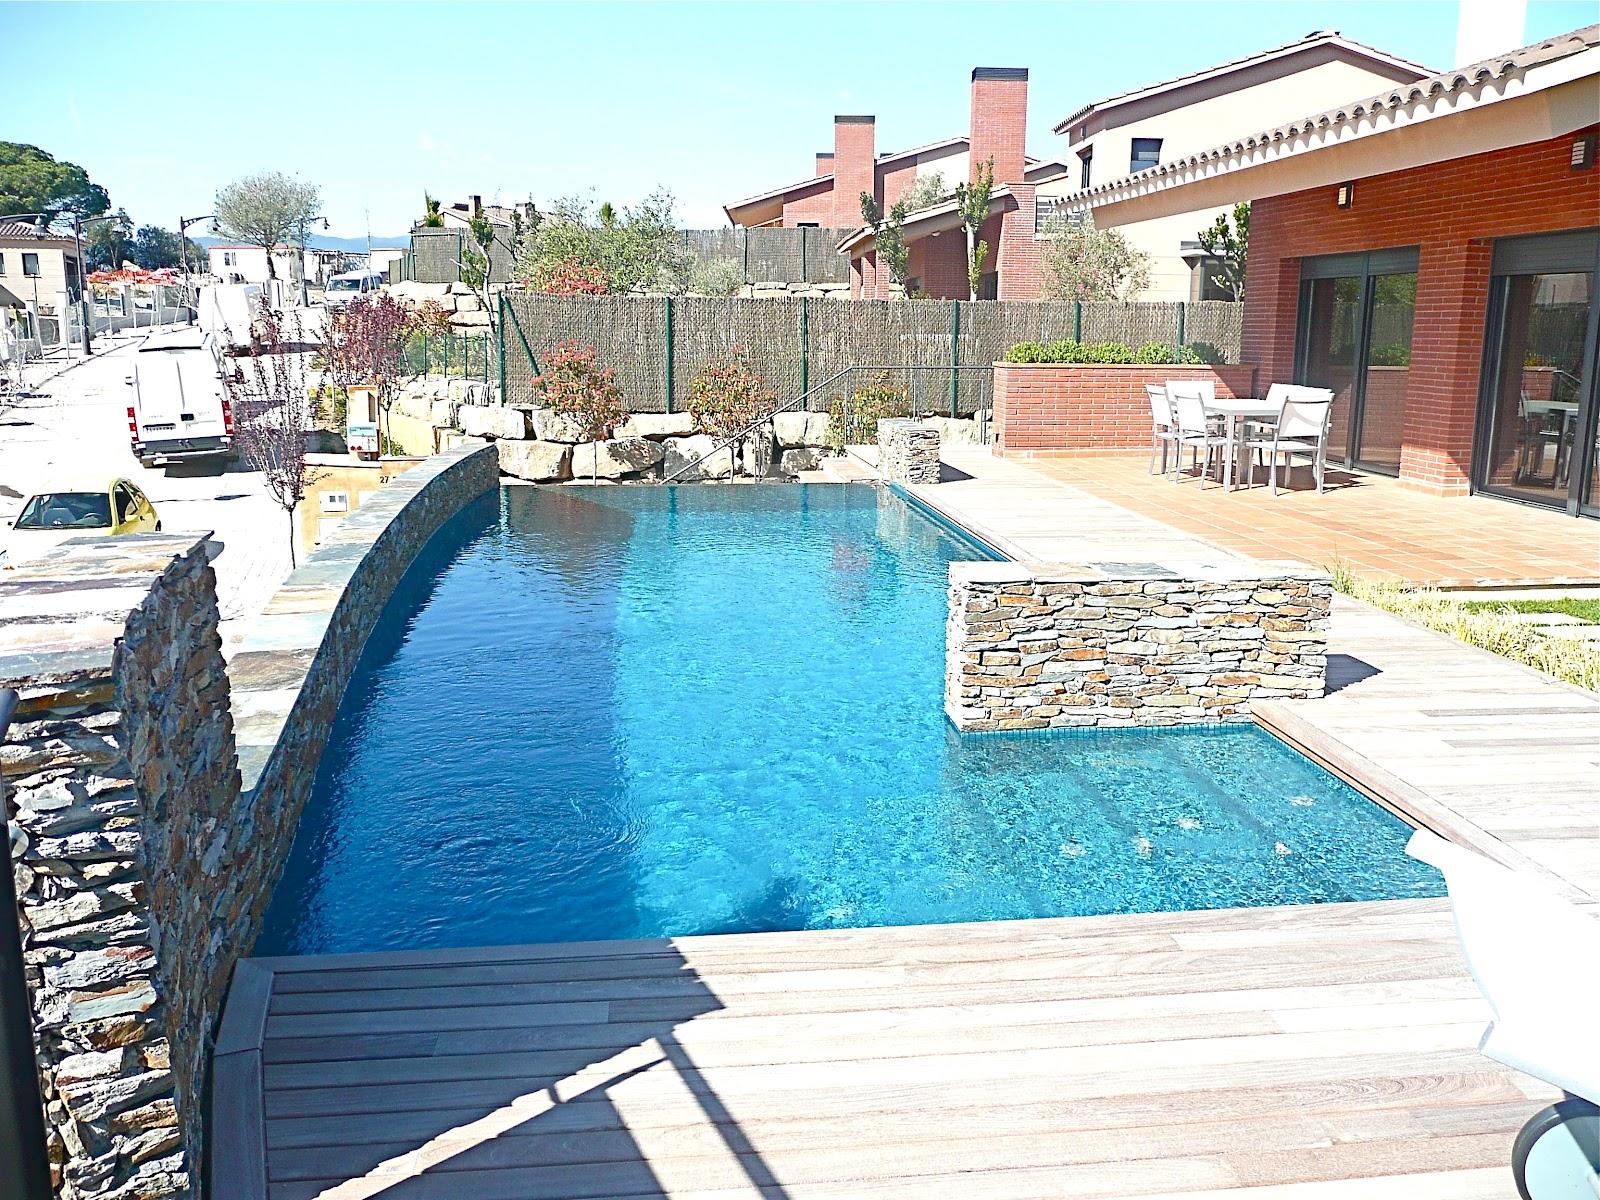 piscines pic piscinas estrella de piscines pic